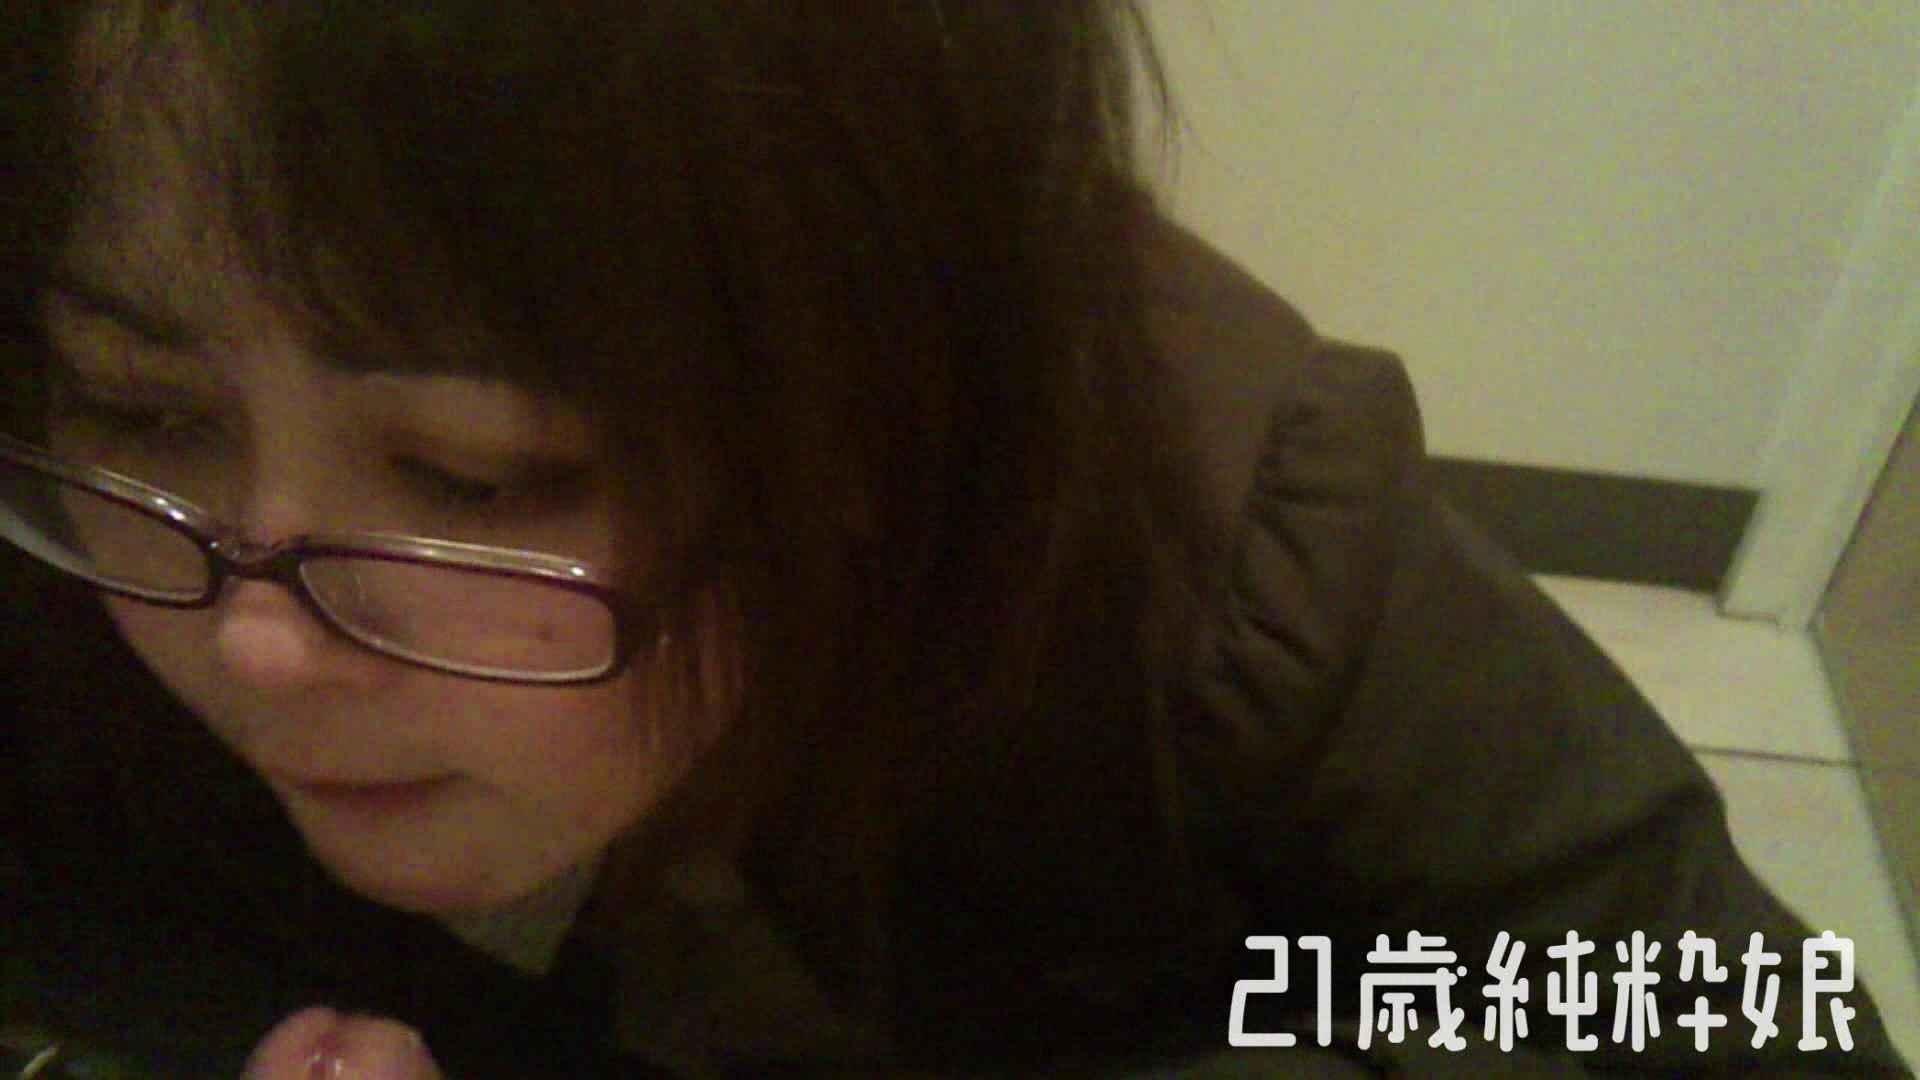 エッチ 熟女|Gカップ21歳純粋嬢第2弾Vol.5|大奥